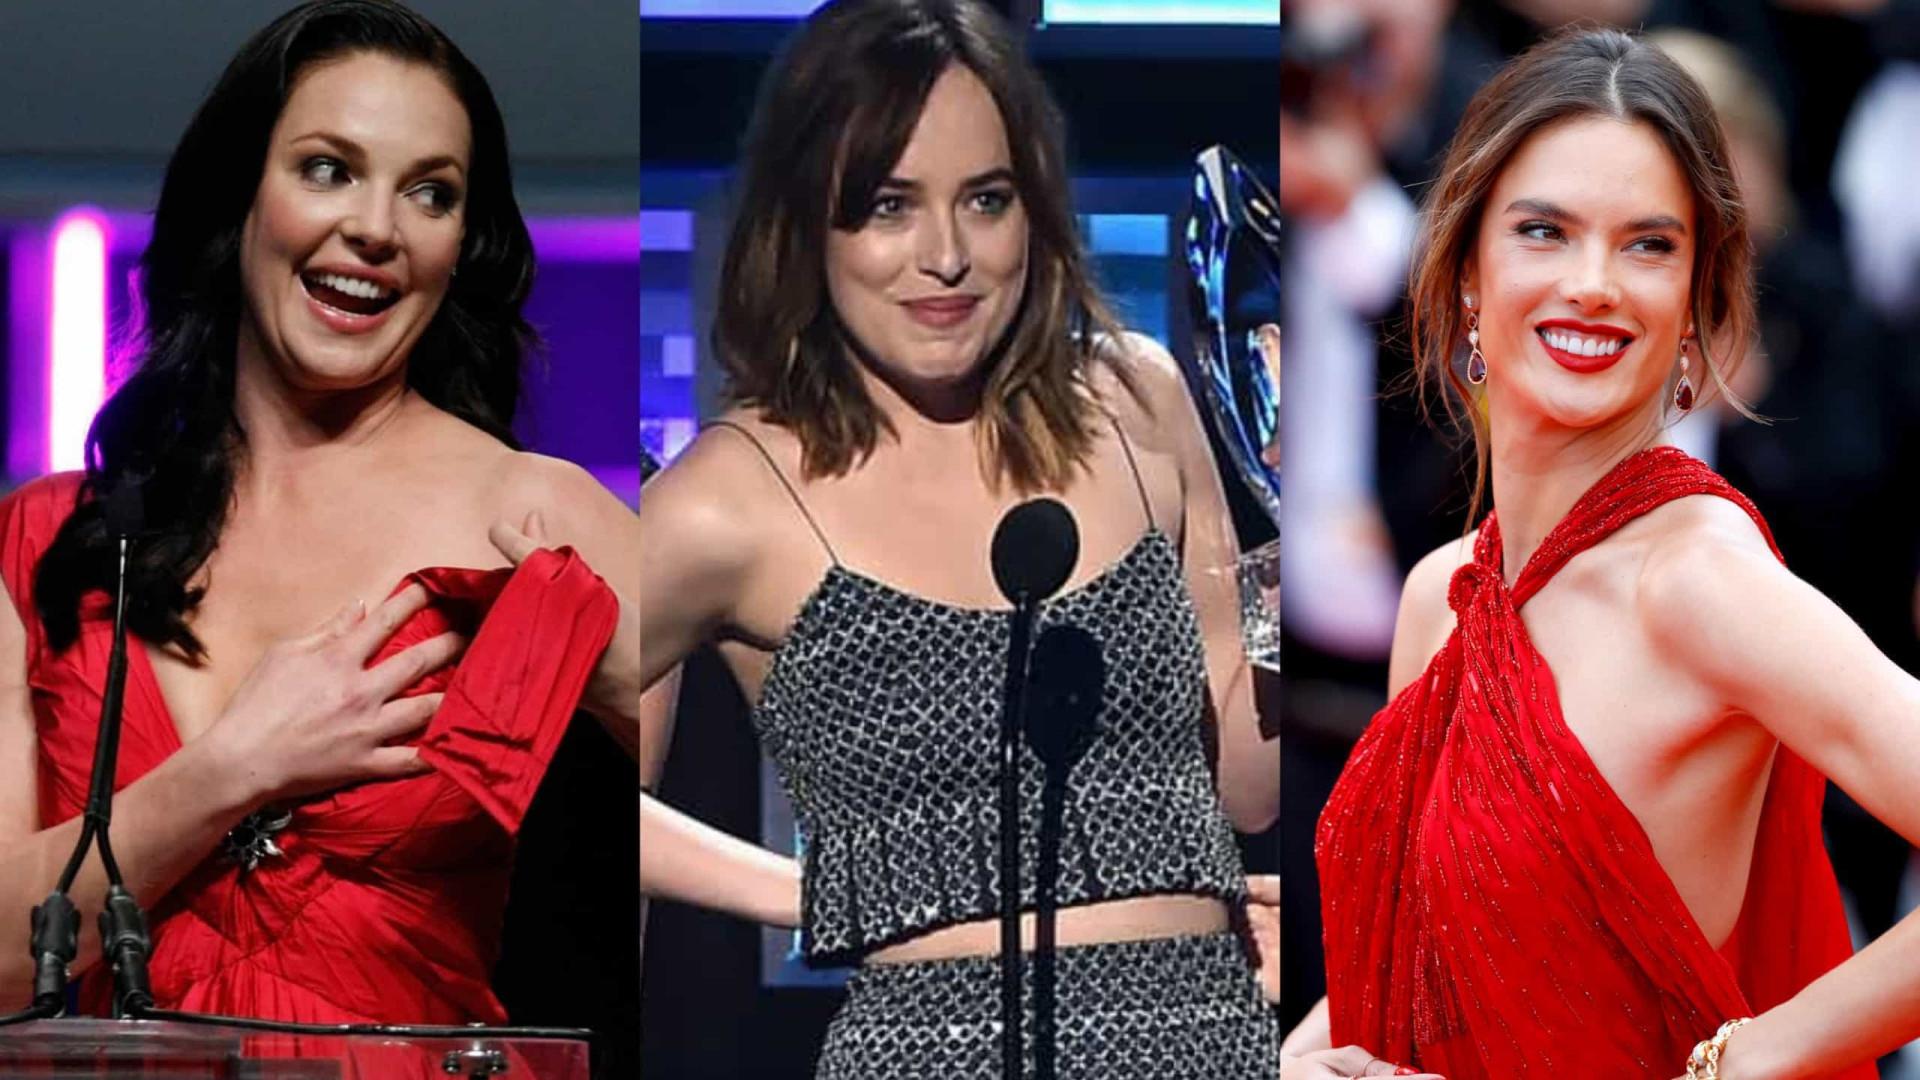 Os looks que deixaram os famosos numa saia-justa!